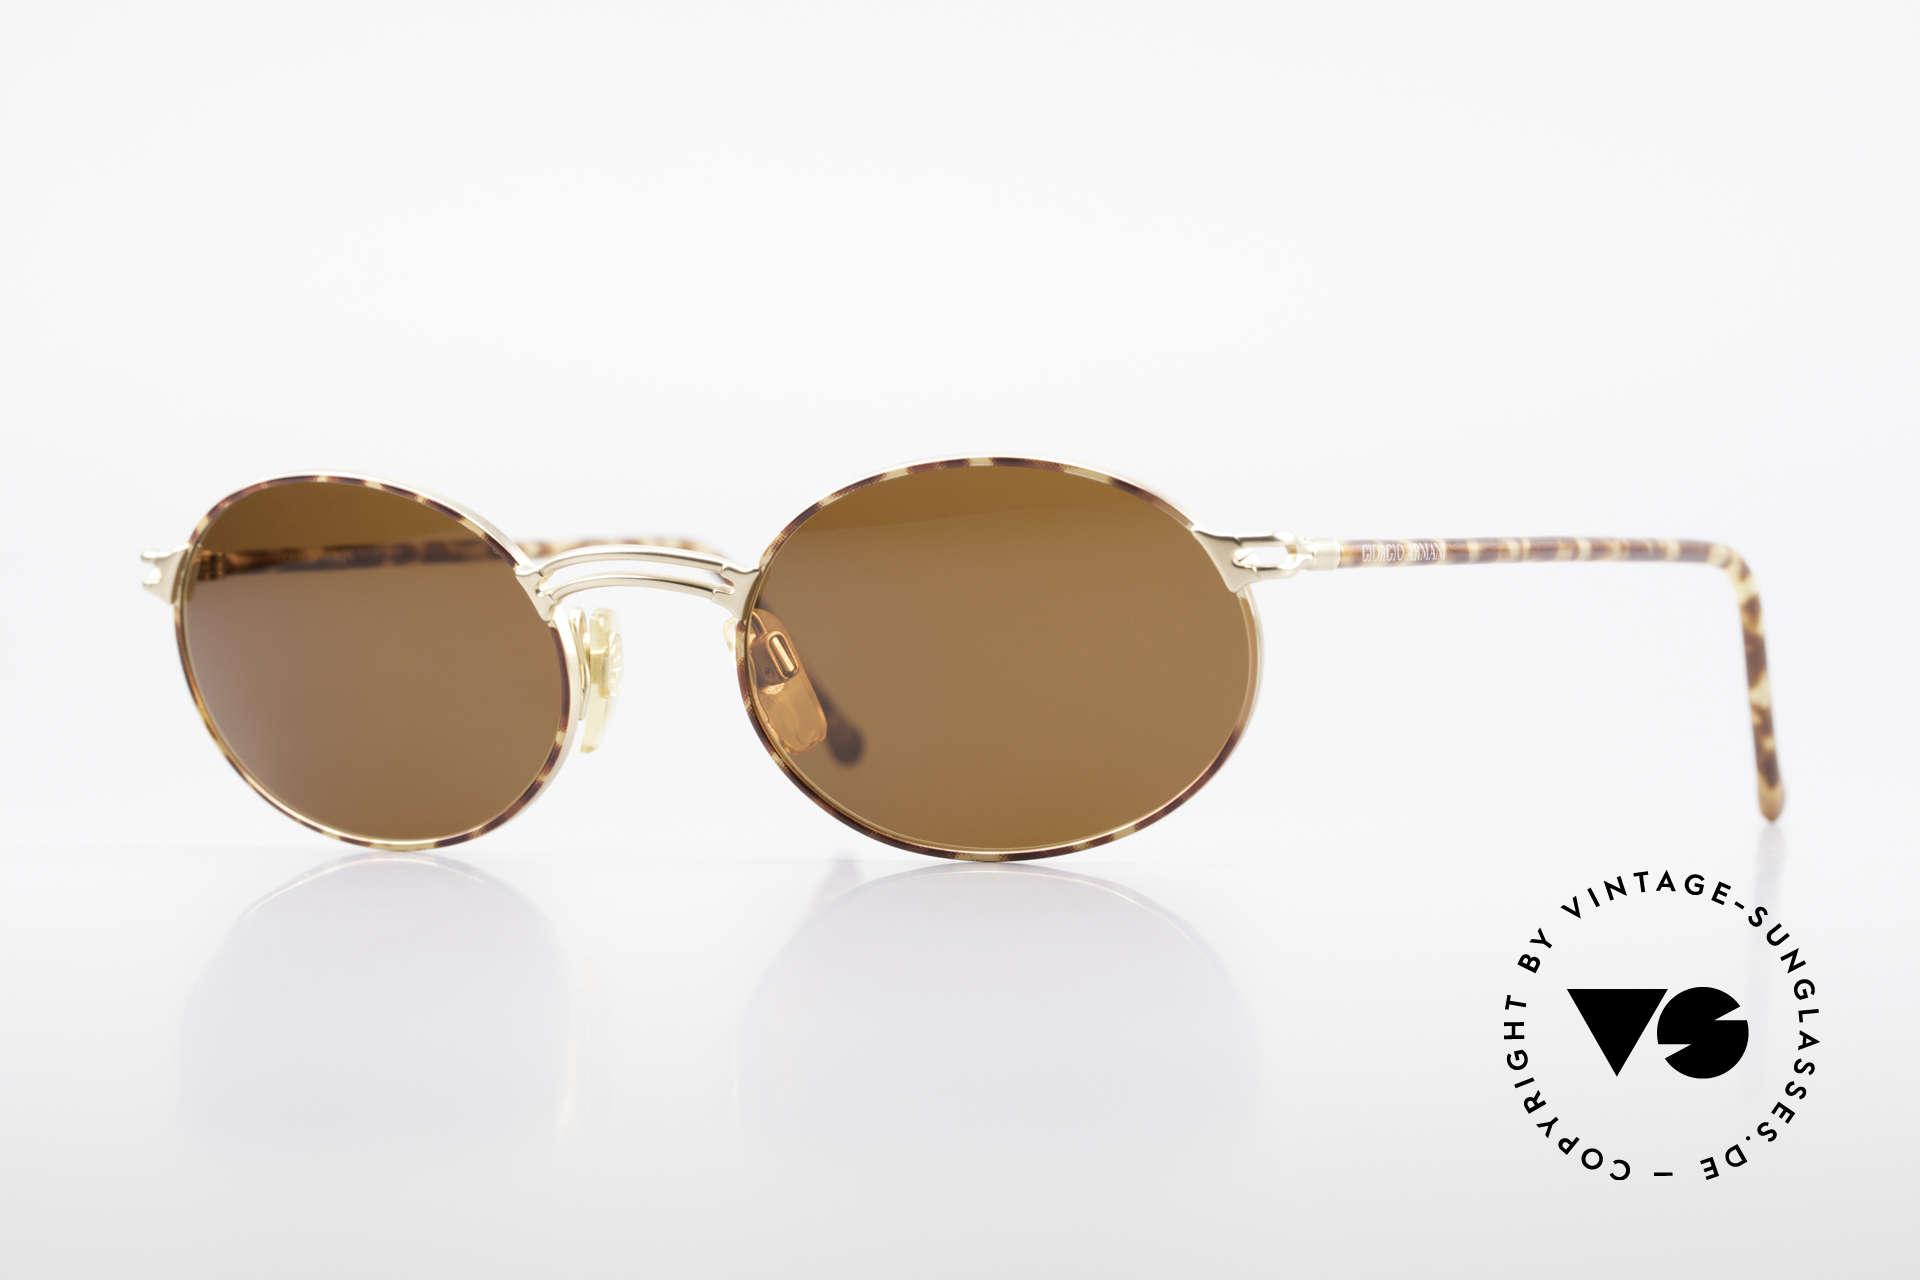 Giorgio Armani 194 Oval 90s Sunglasses No Retro, vintage designer sunglasses by Giorgio Armani, Italy, Made for Men and Women